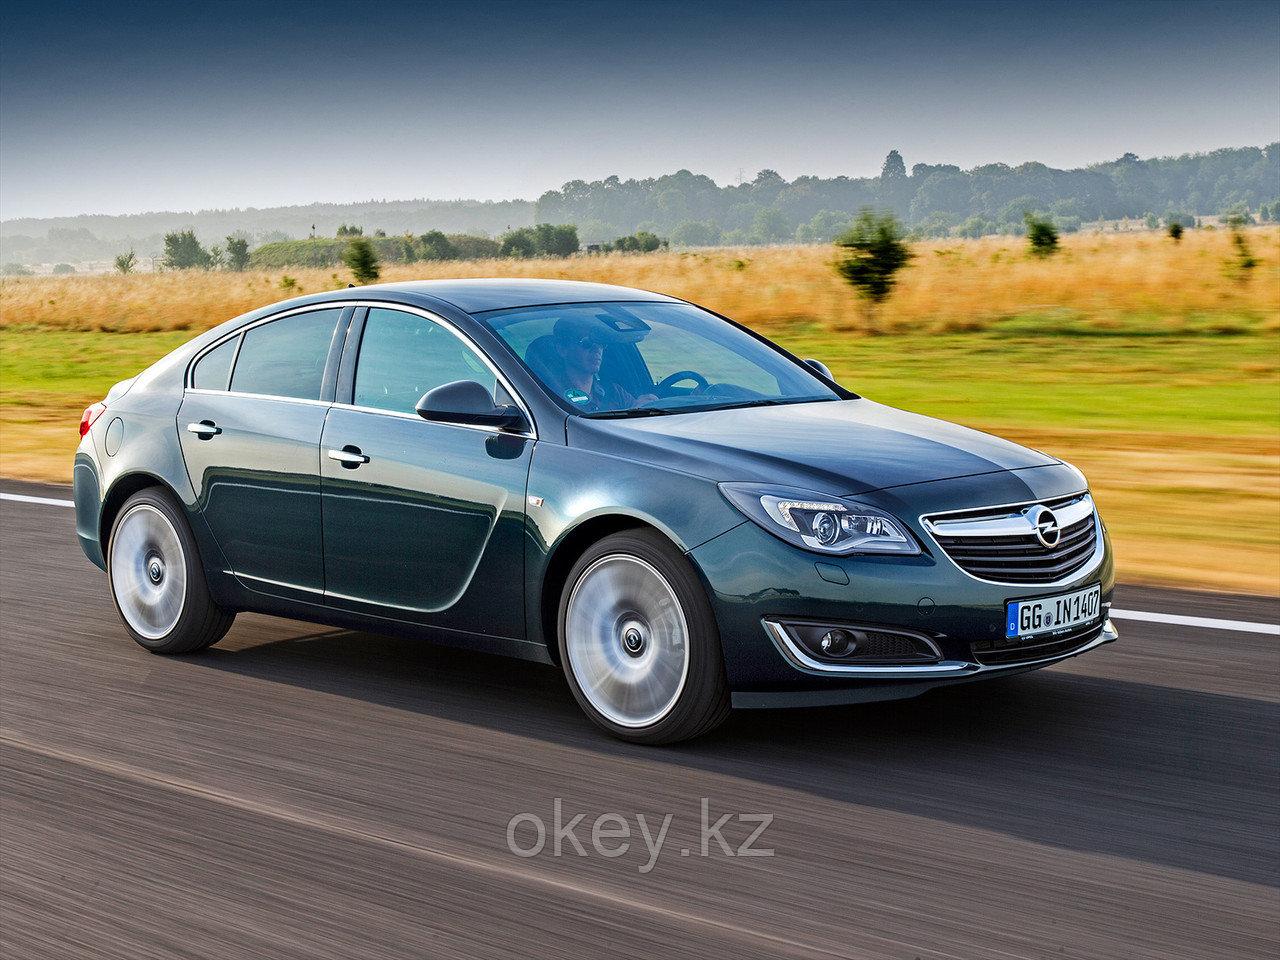 Тормозные колодки Kötl 1782KT для Opel Insignia I седан 2.0 Turbo 4x4, 2011-2015 года выпуска.